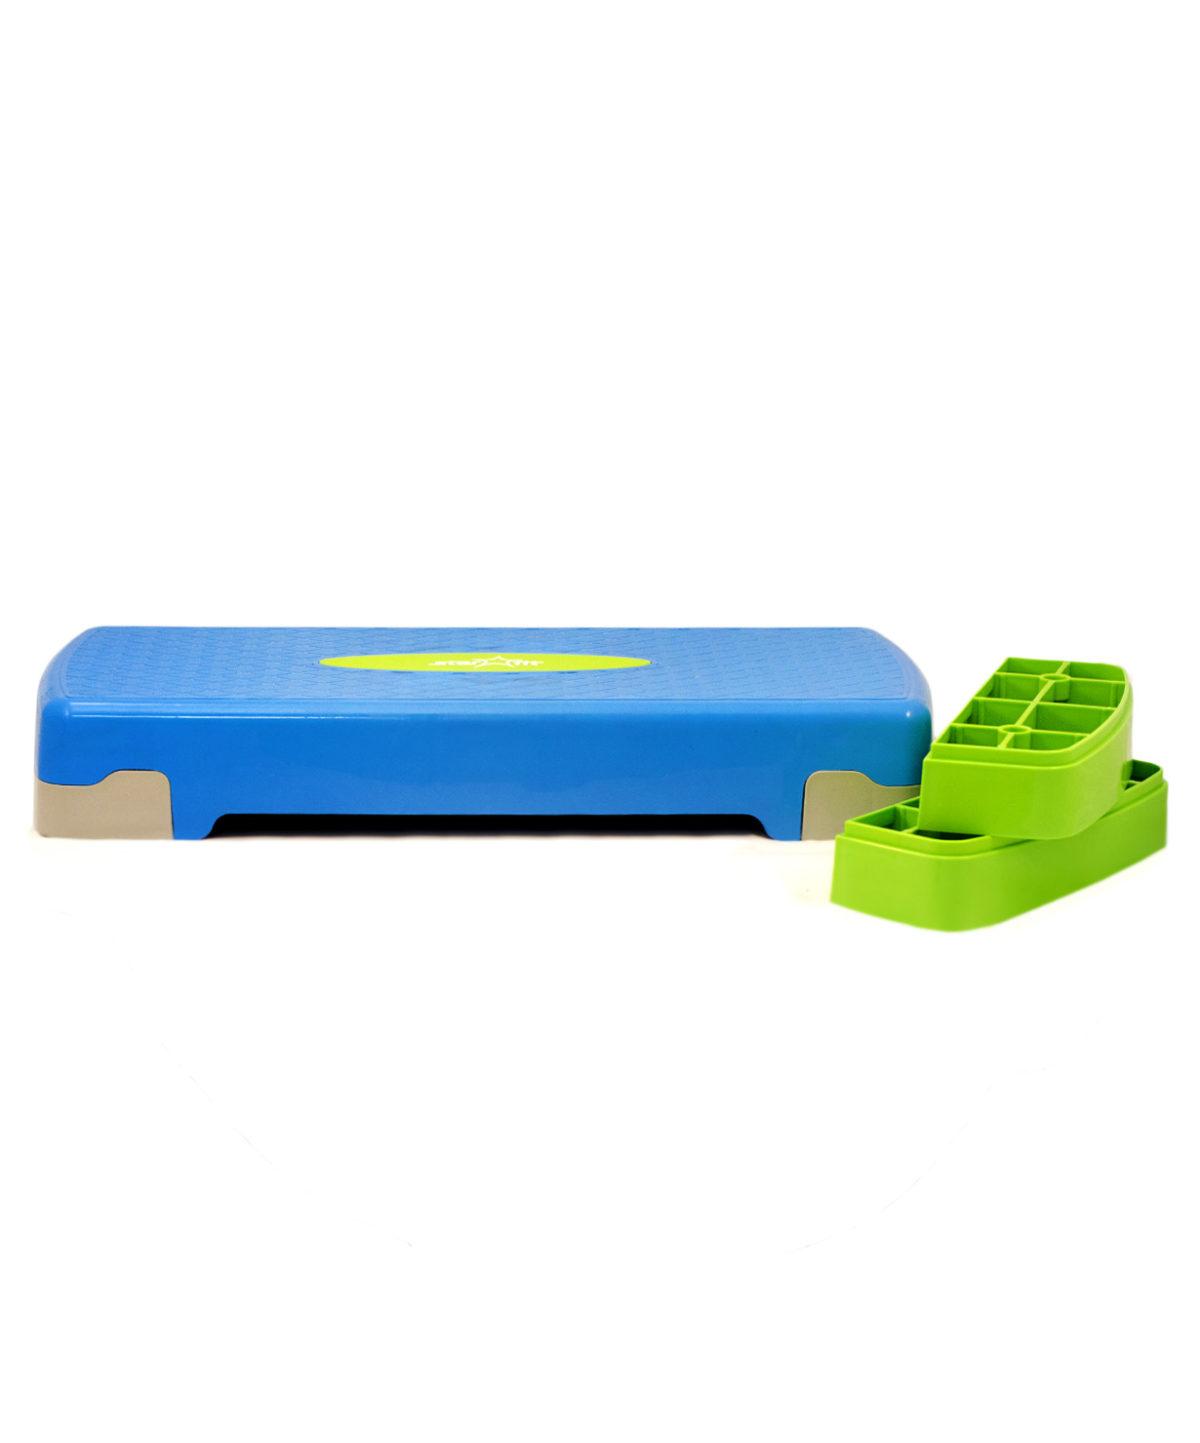 STARFIT Степ-платформа, двухуровневая, 67,5х28,5х15см SP-101 - 2